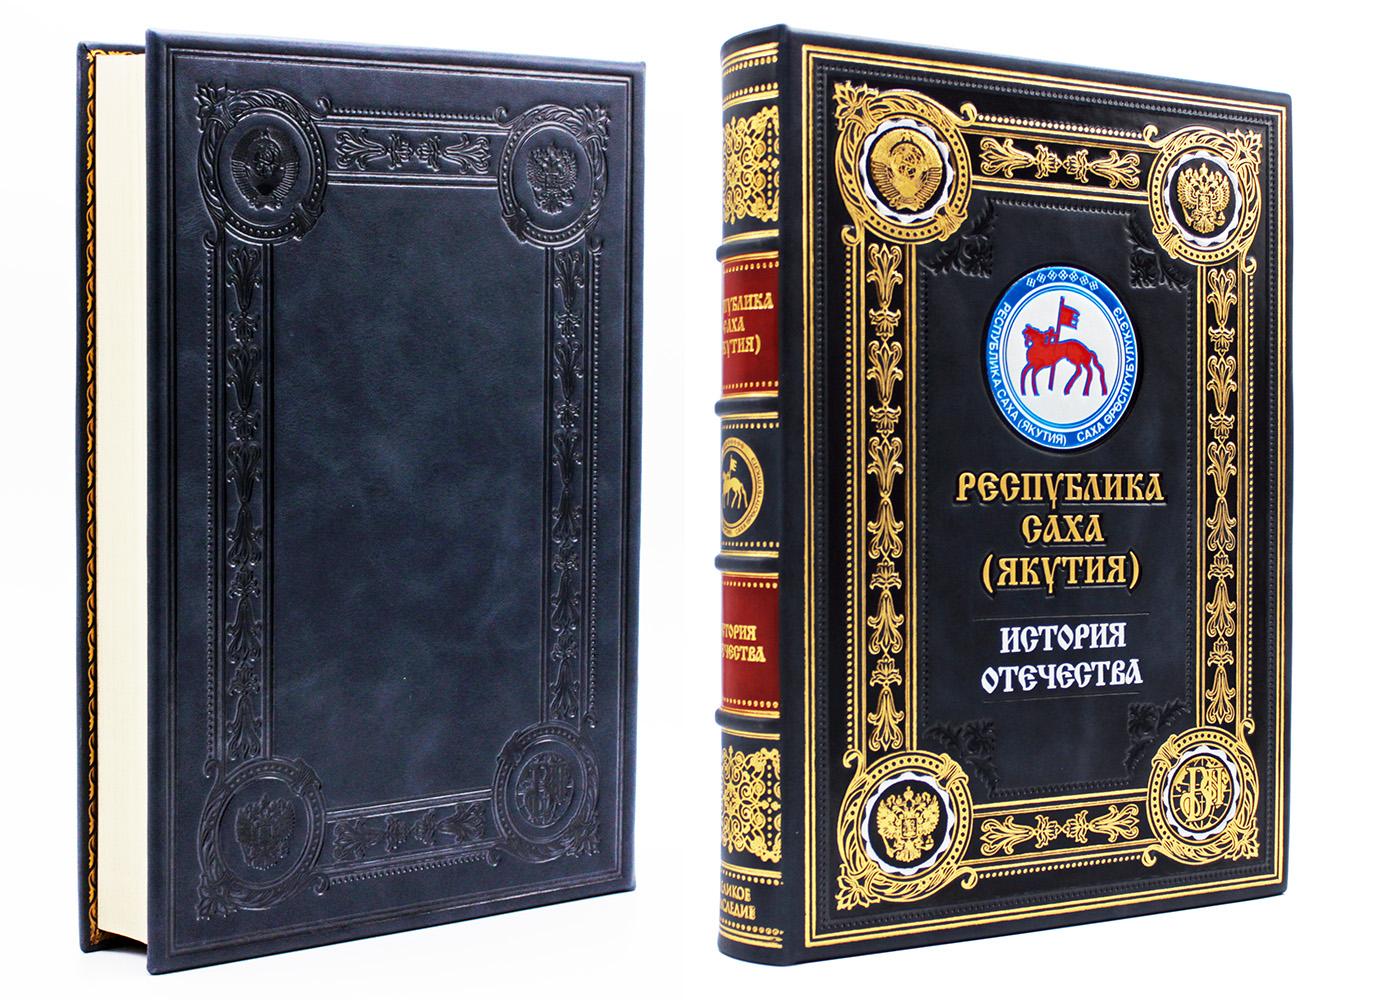 Книга Республика Саха кожаный переплет